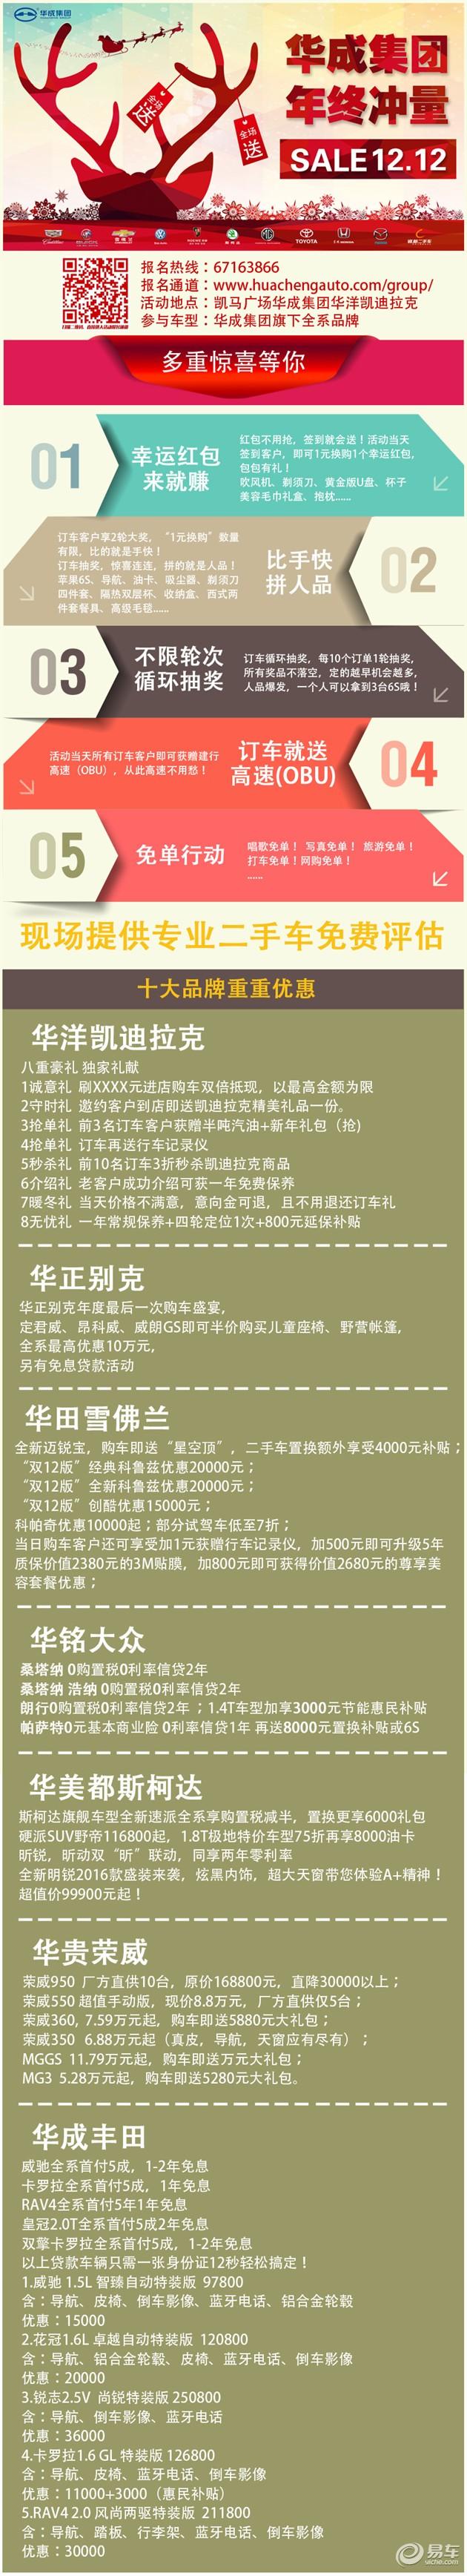 SALE 12.12——华成集团年终冲量